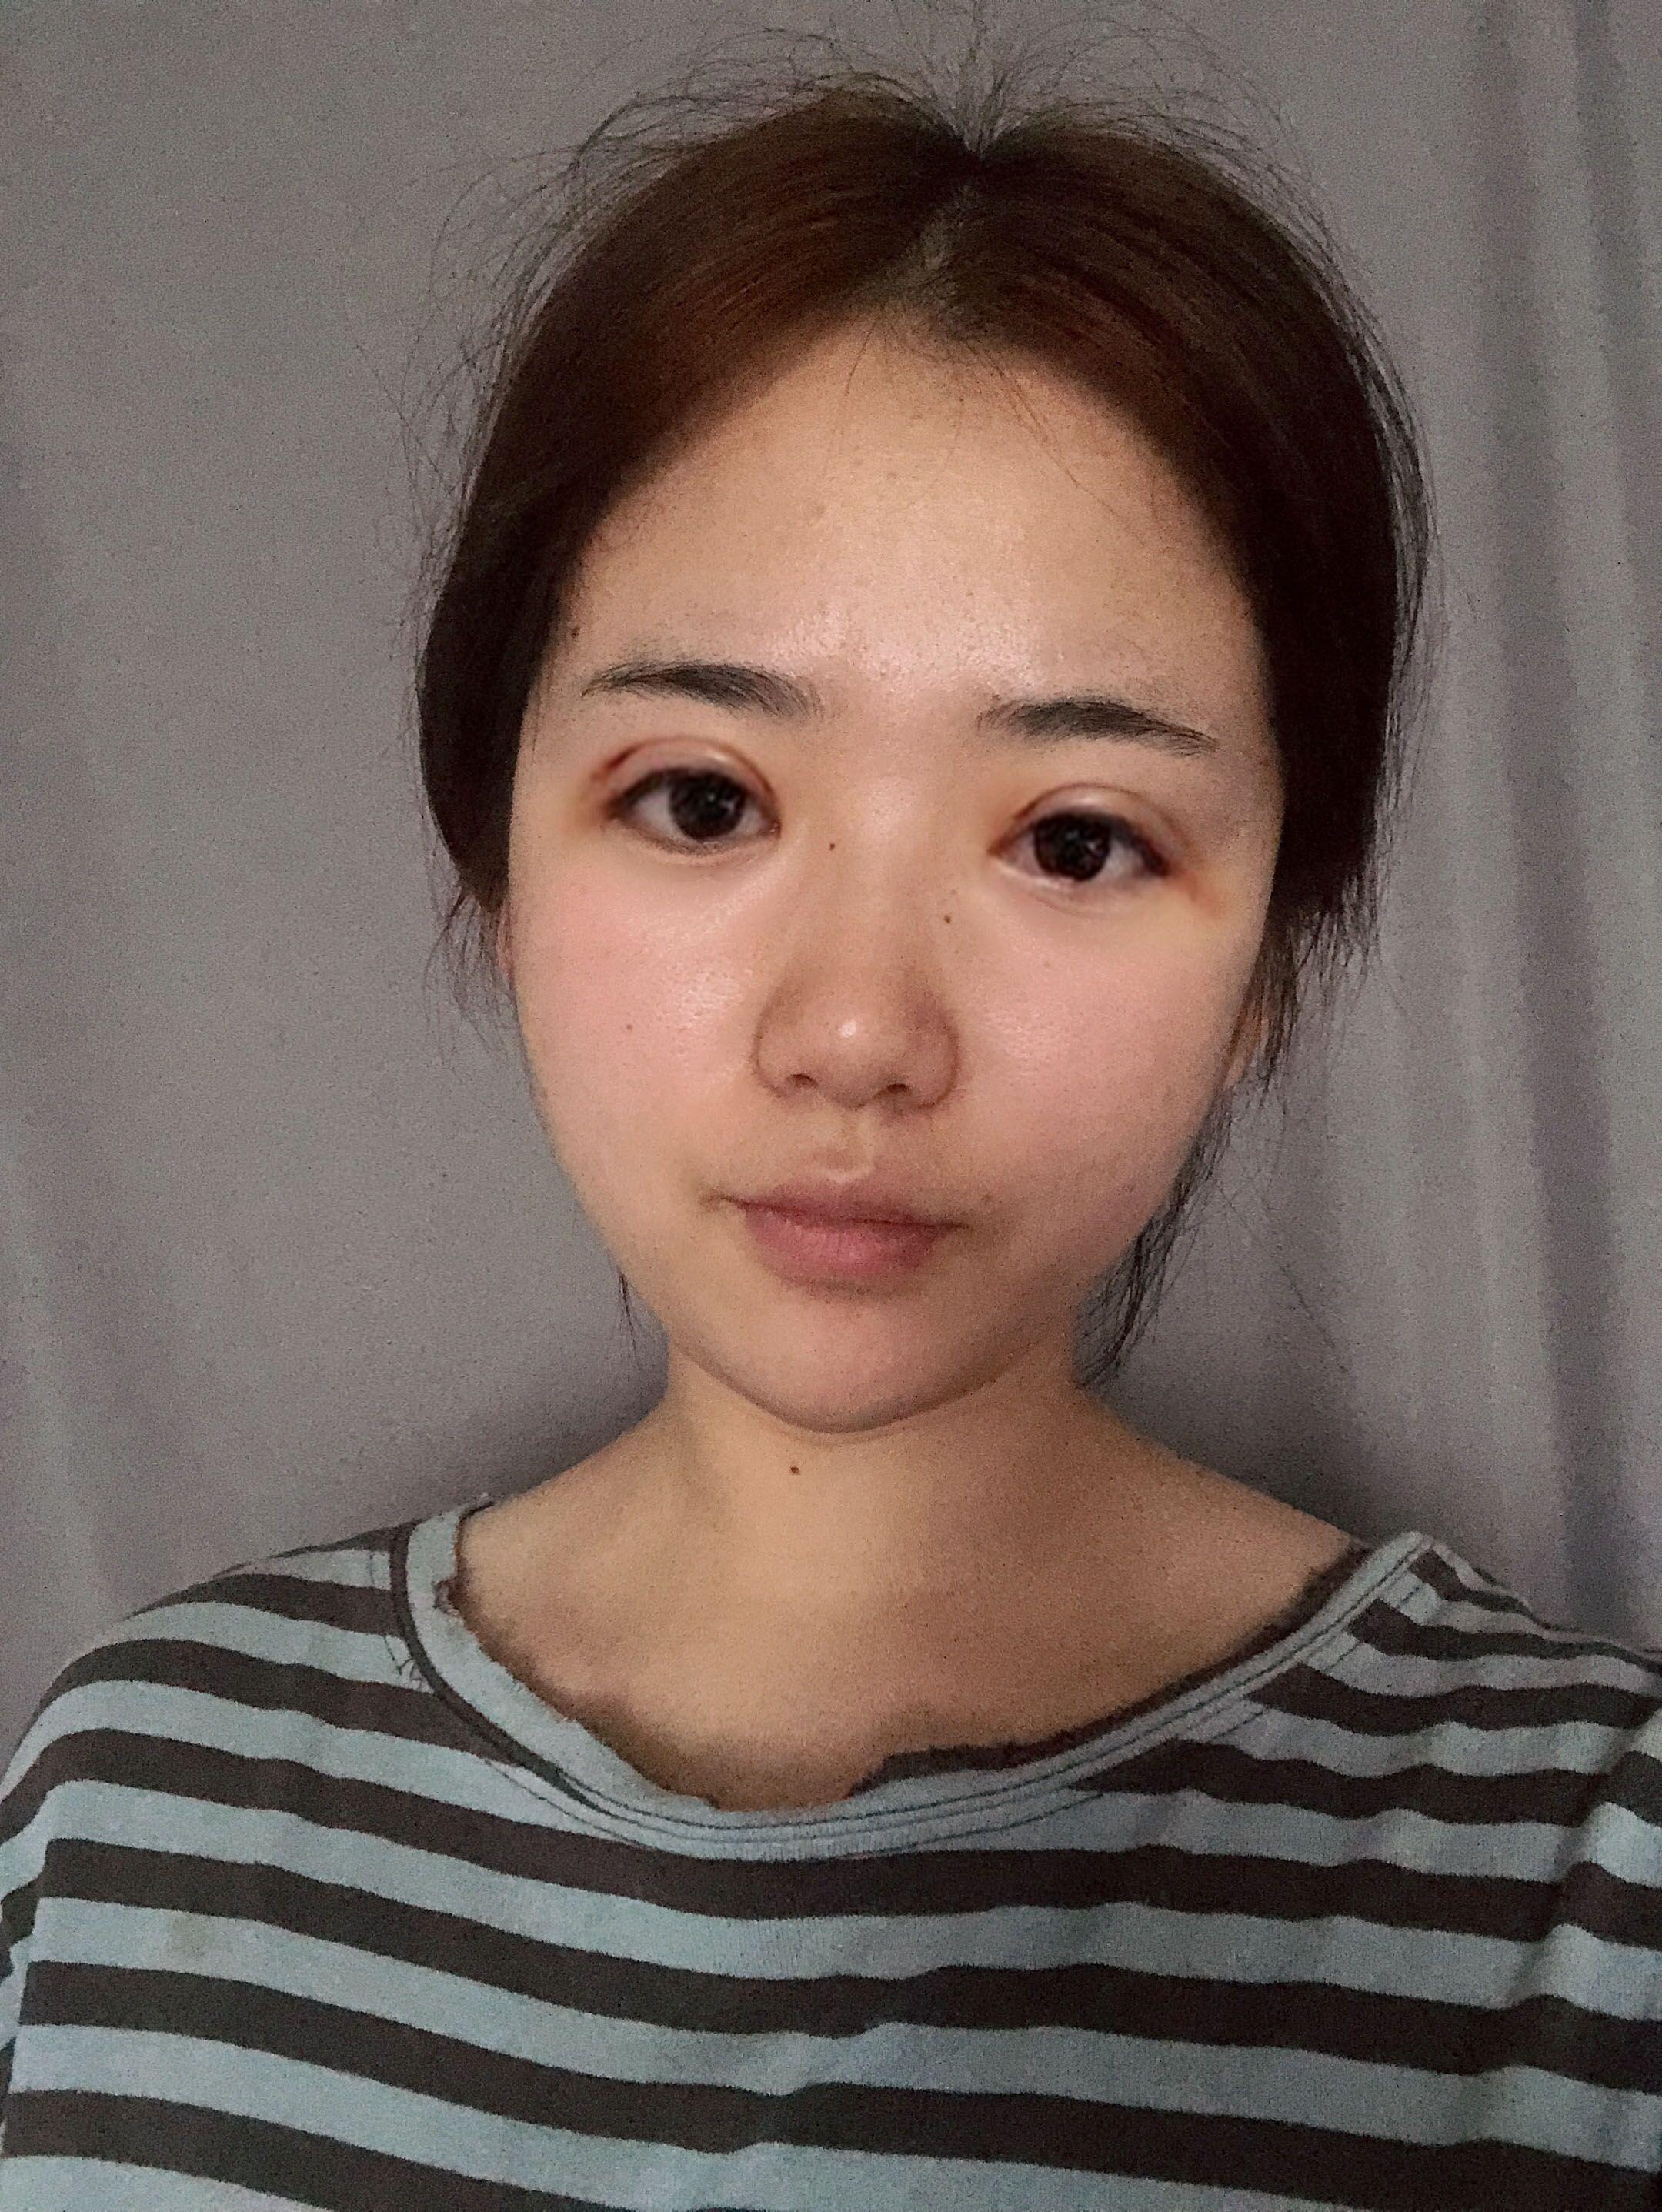 今天拆线啦,终于等到拆线的日子,整个人都轻松了许多,如释重负!问了医生说两天后就可以开始沾水了,为了伤口愈合,再坚持两天!  现在基本可以正常露脸了,之前出门的时候我还会戴个墨镜遮遮。不知道是个人体质还是医生技术的缘故,我感觉我没有别人做了双眼皮后肿的那么可怕,应该是医生技术好吧嘻嘻,很开心~